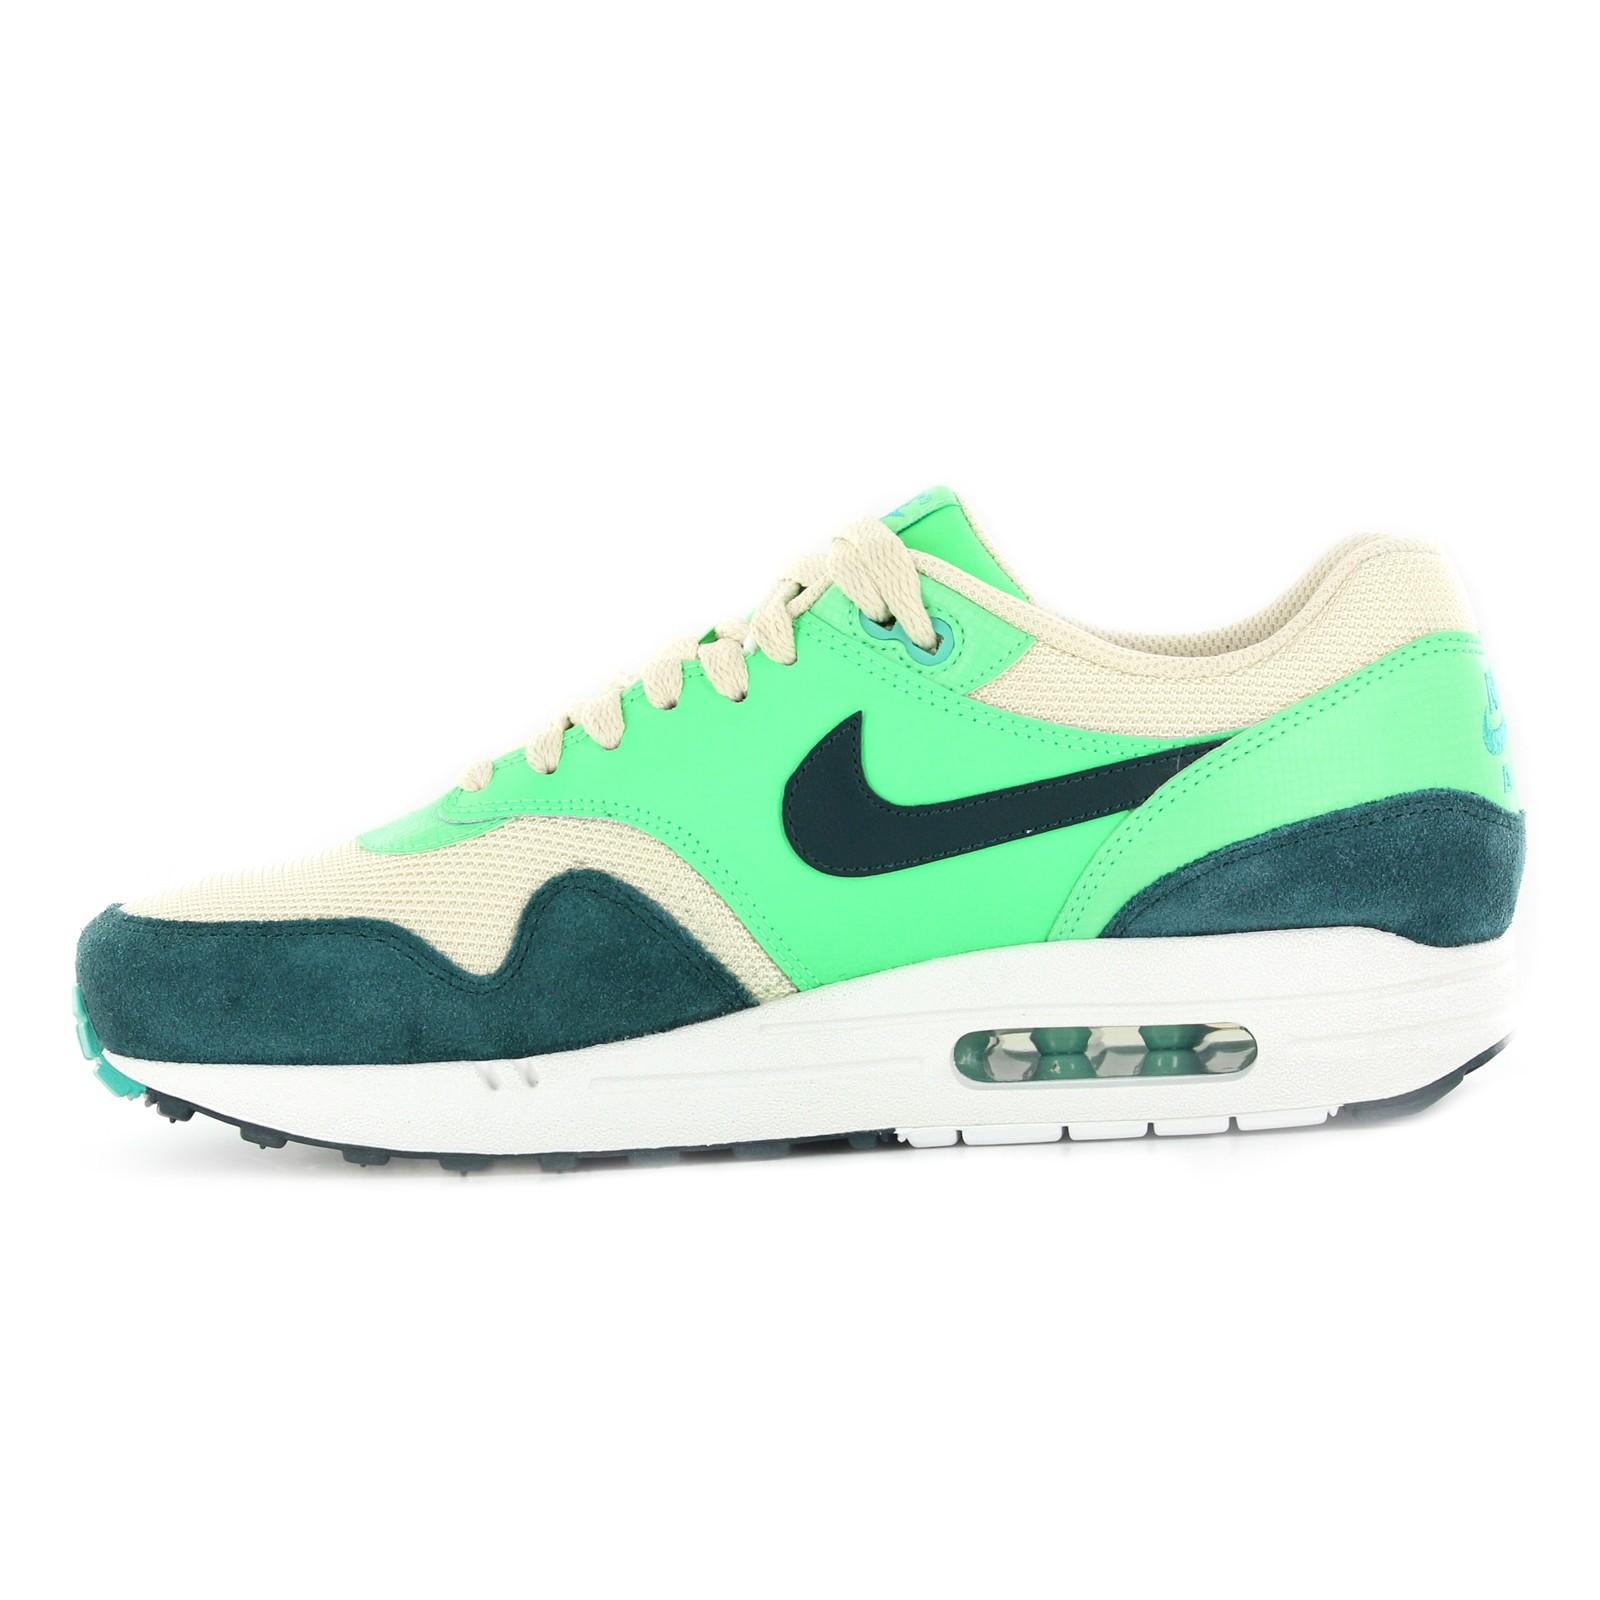 Nike Air Max 1 Essential 537383-230 Men